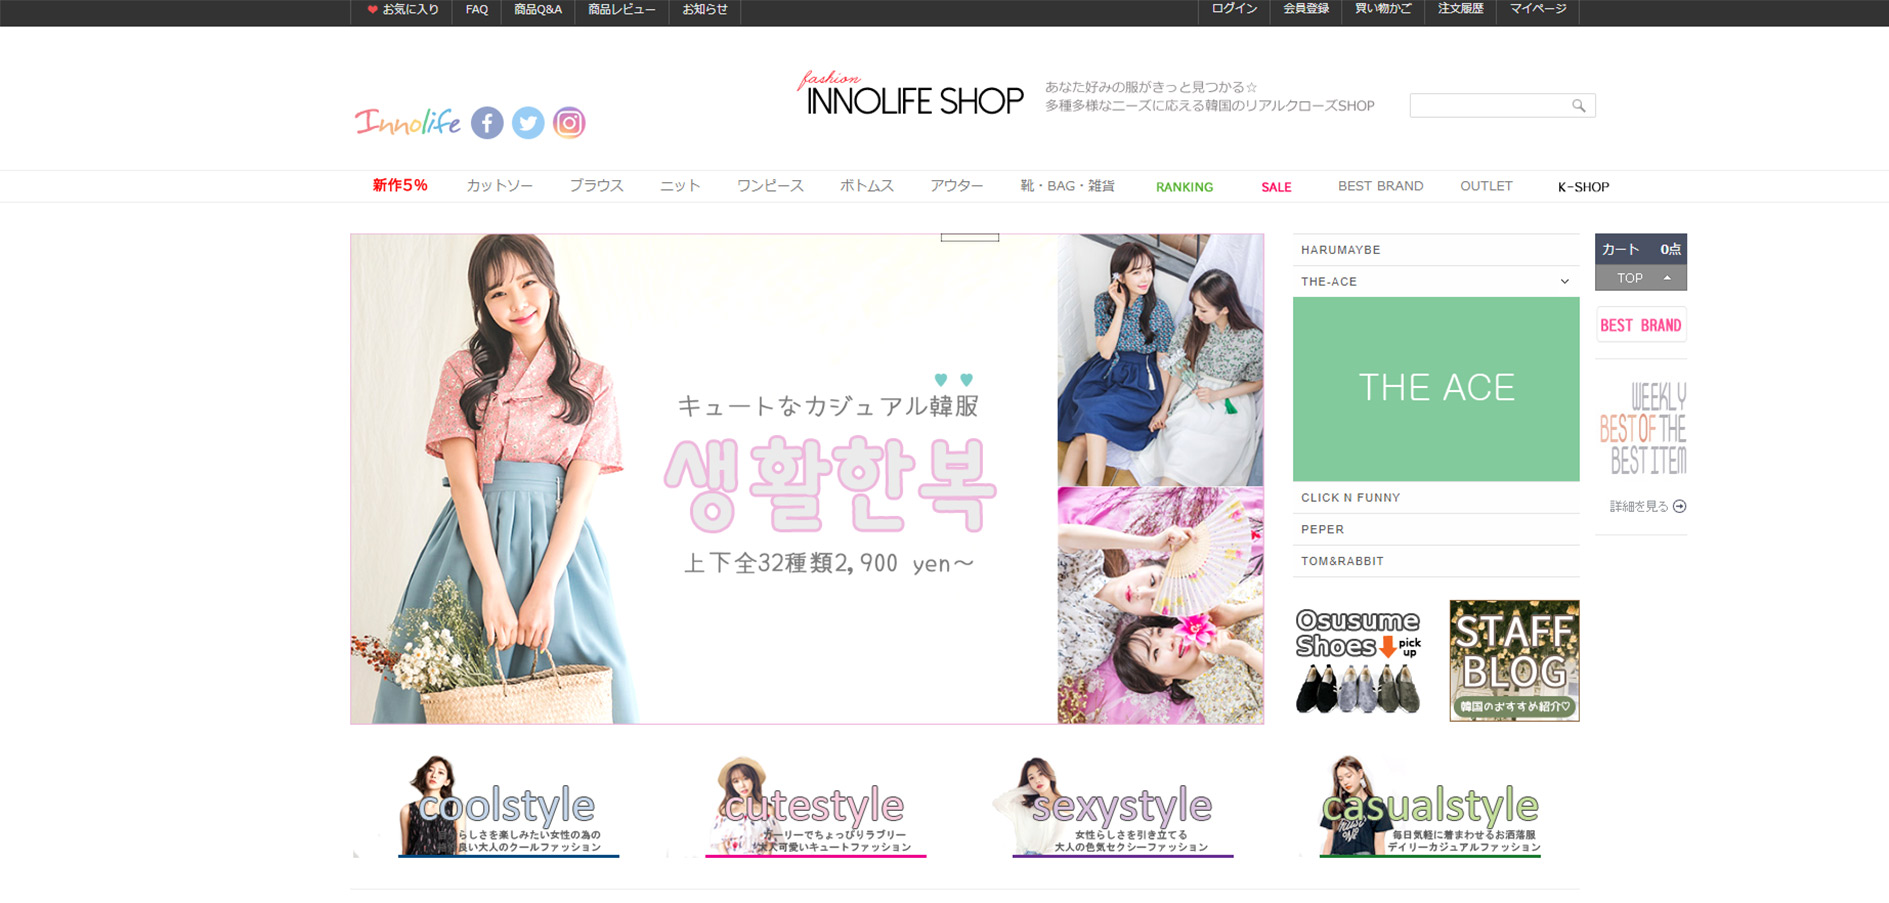 20代におすすめな韓国ファッション通販サイトのinnolifeshop(イノライフショップ)